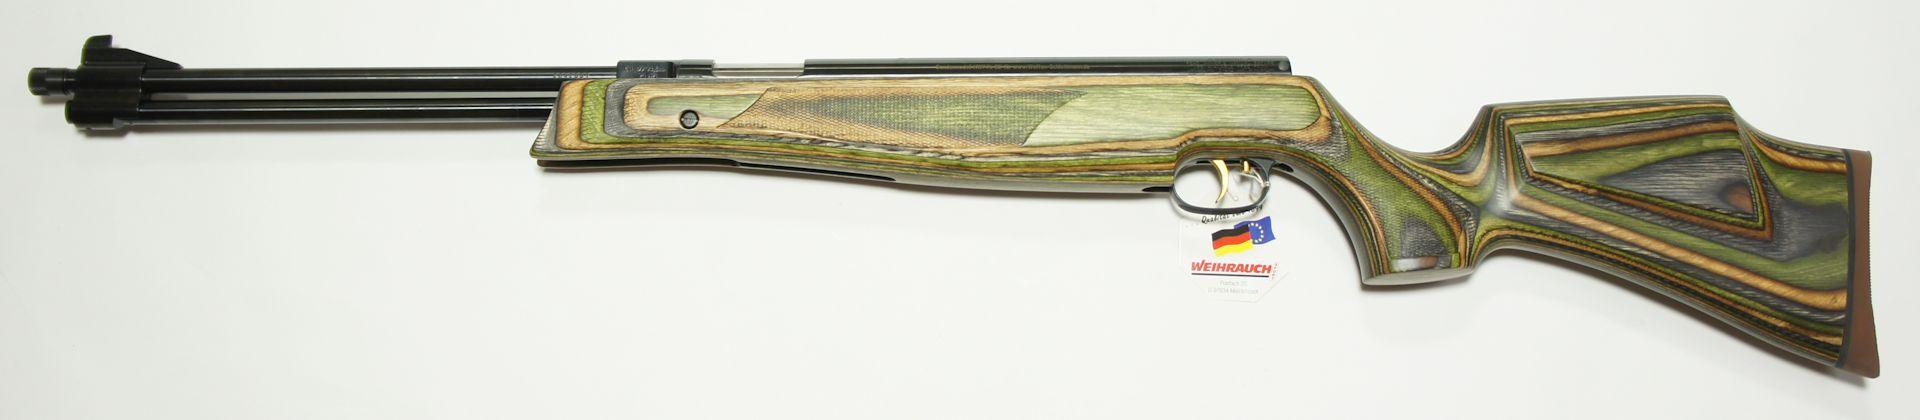 Weihrauch HW 77 K mit grünem Schichtholzschaft, Laufgewinde und offener Visierung